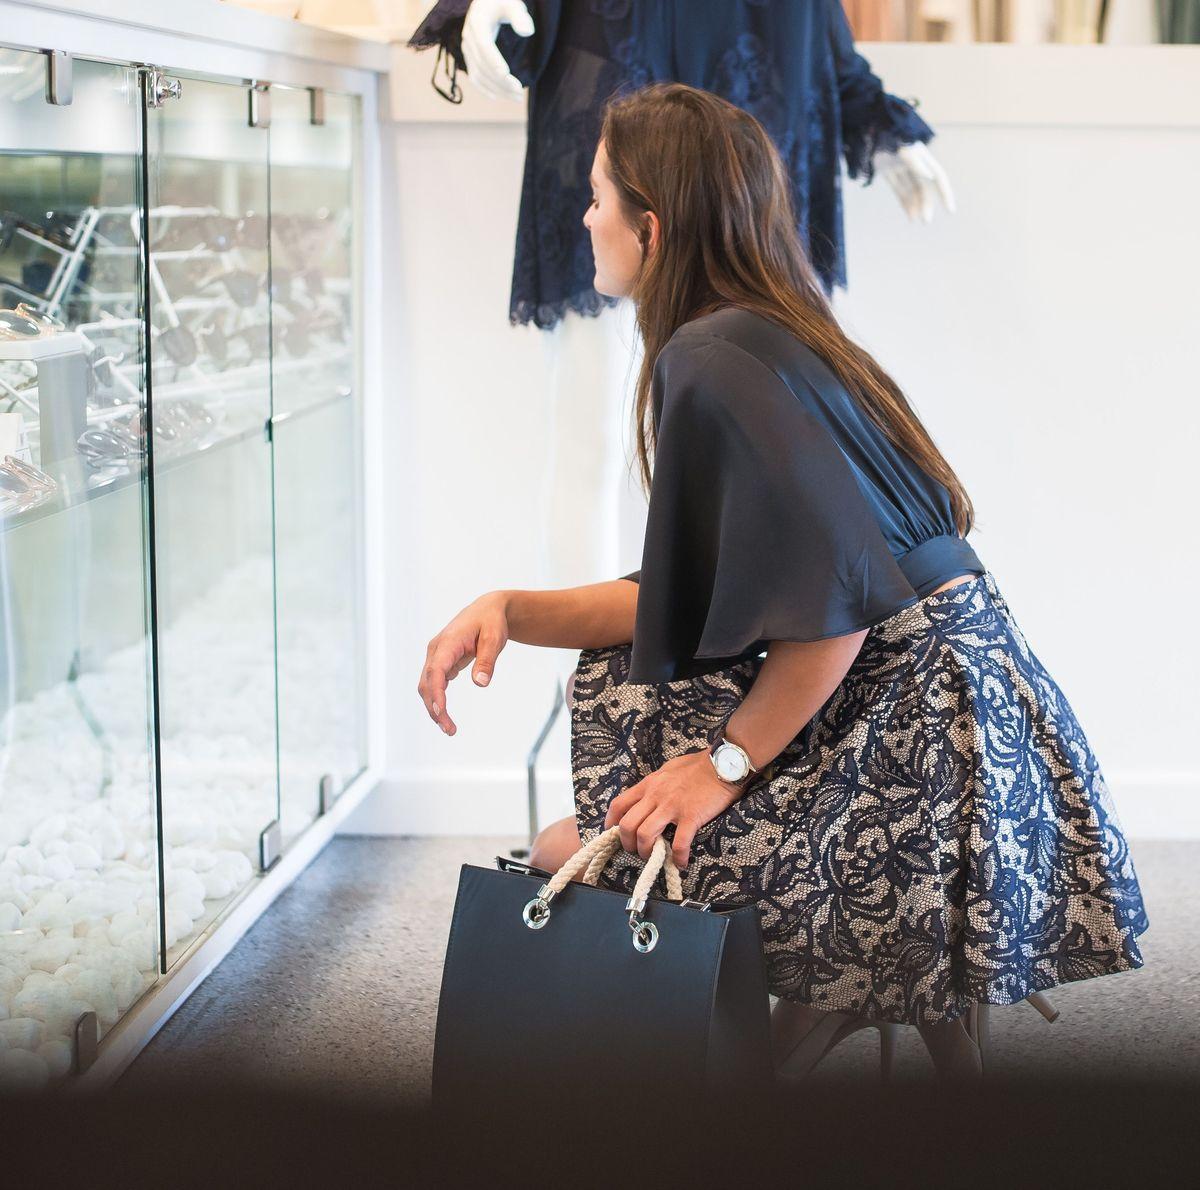 Die Modebranche leidet unter den Auswirkungen der Coronakrise.